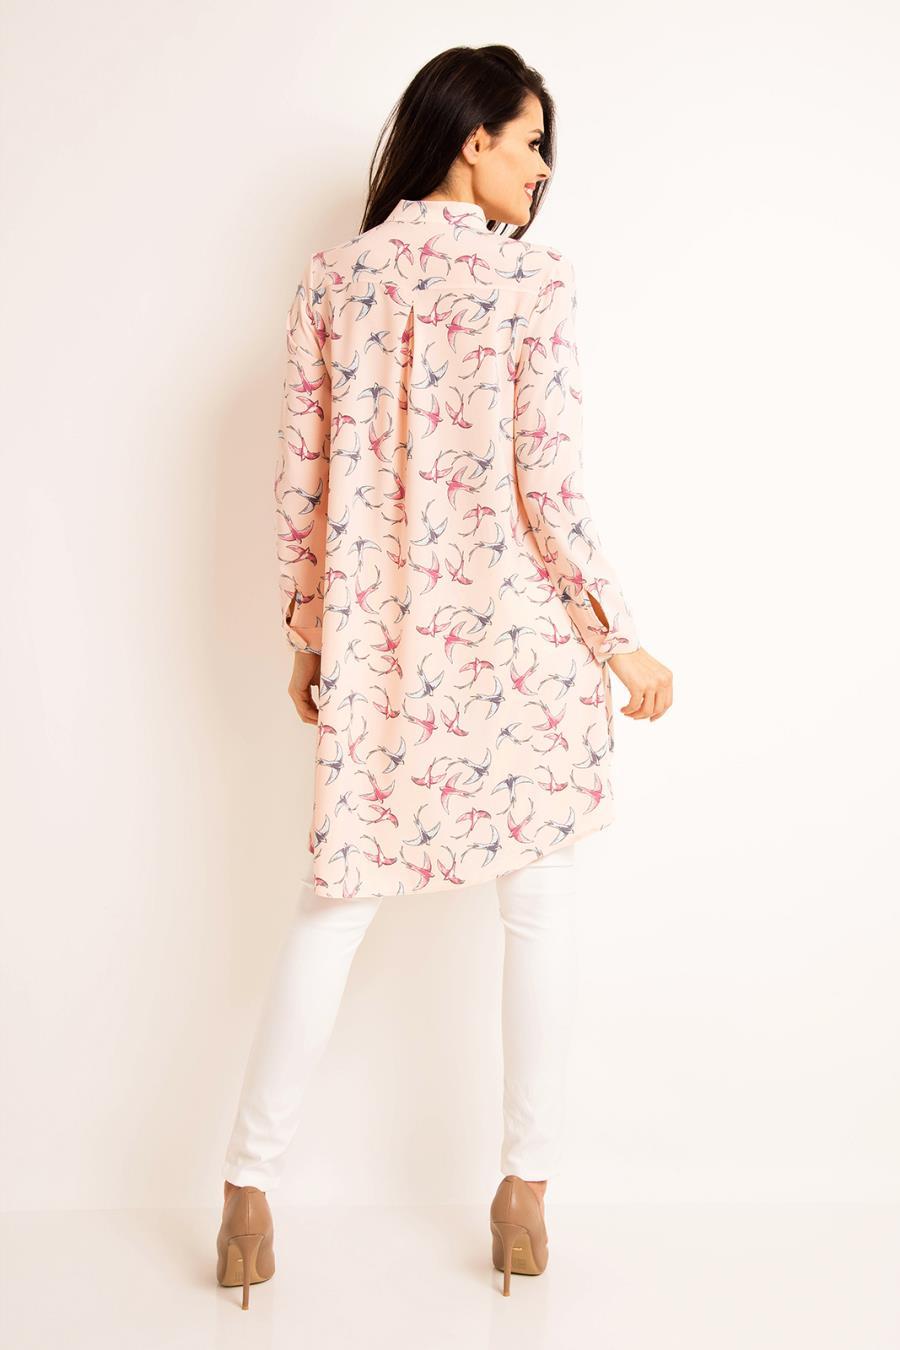 c5021aa99fc9f8 ... długie, koszule, damskie, letnie, asymetryczne, sklep, online